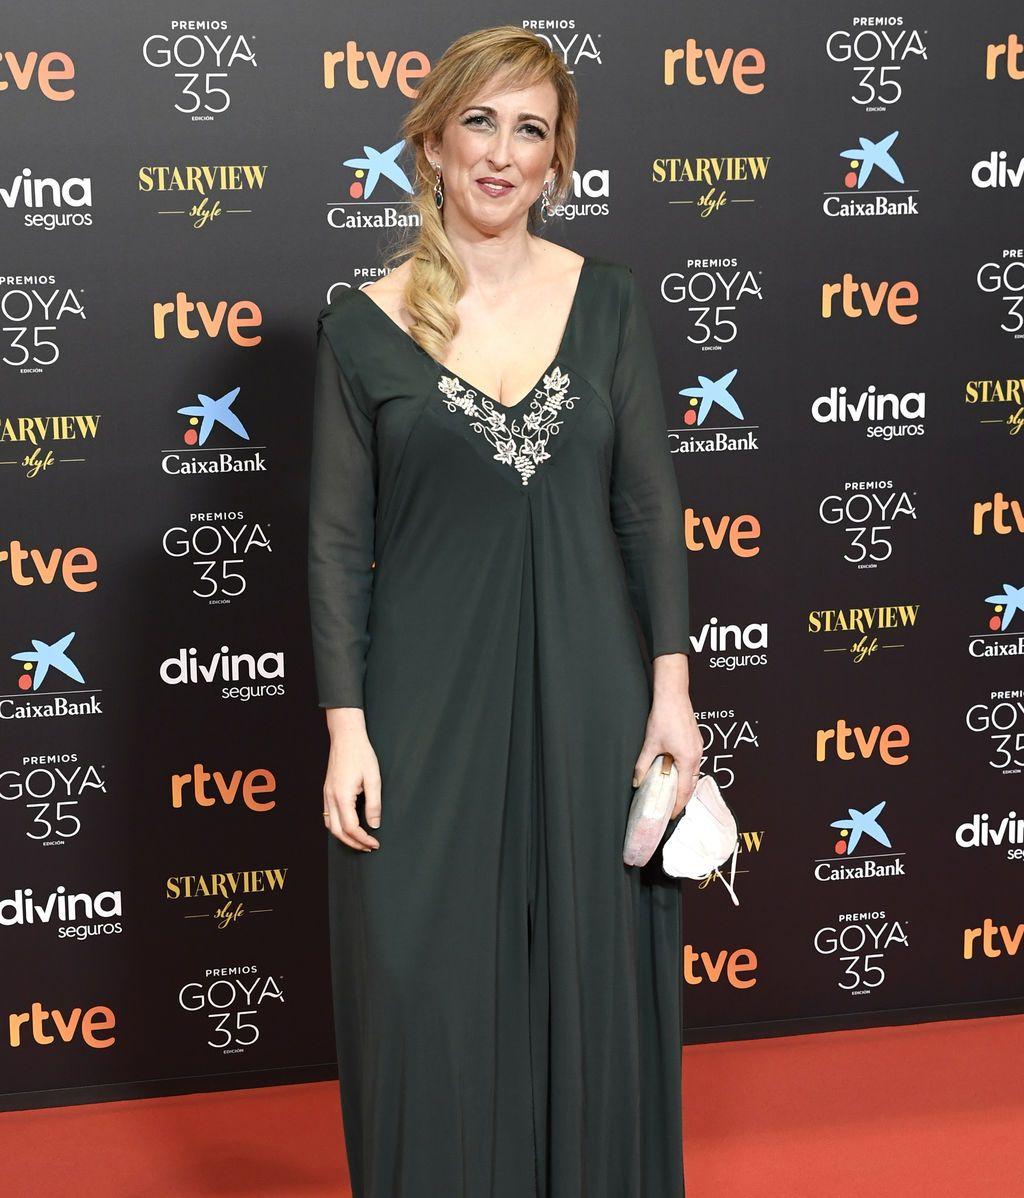 Ana María Ruiz en la alfombra roja de los Premios Goya 2021